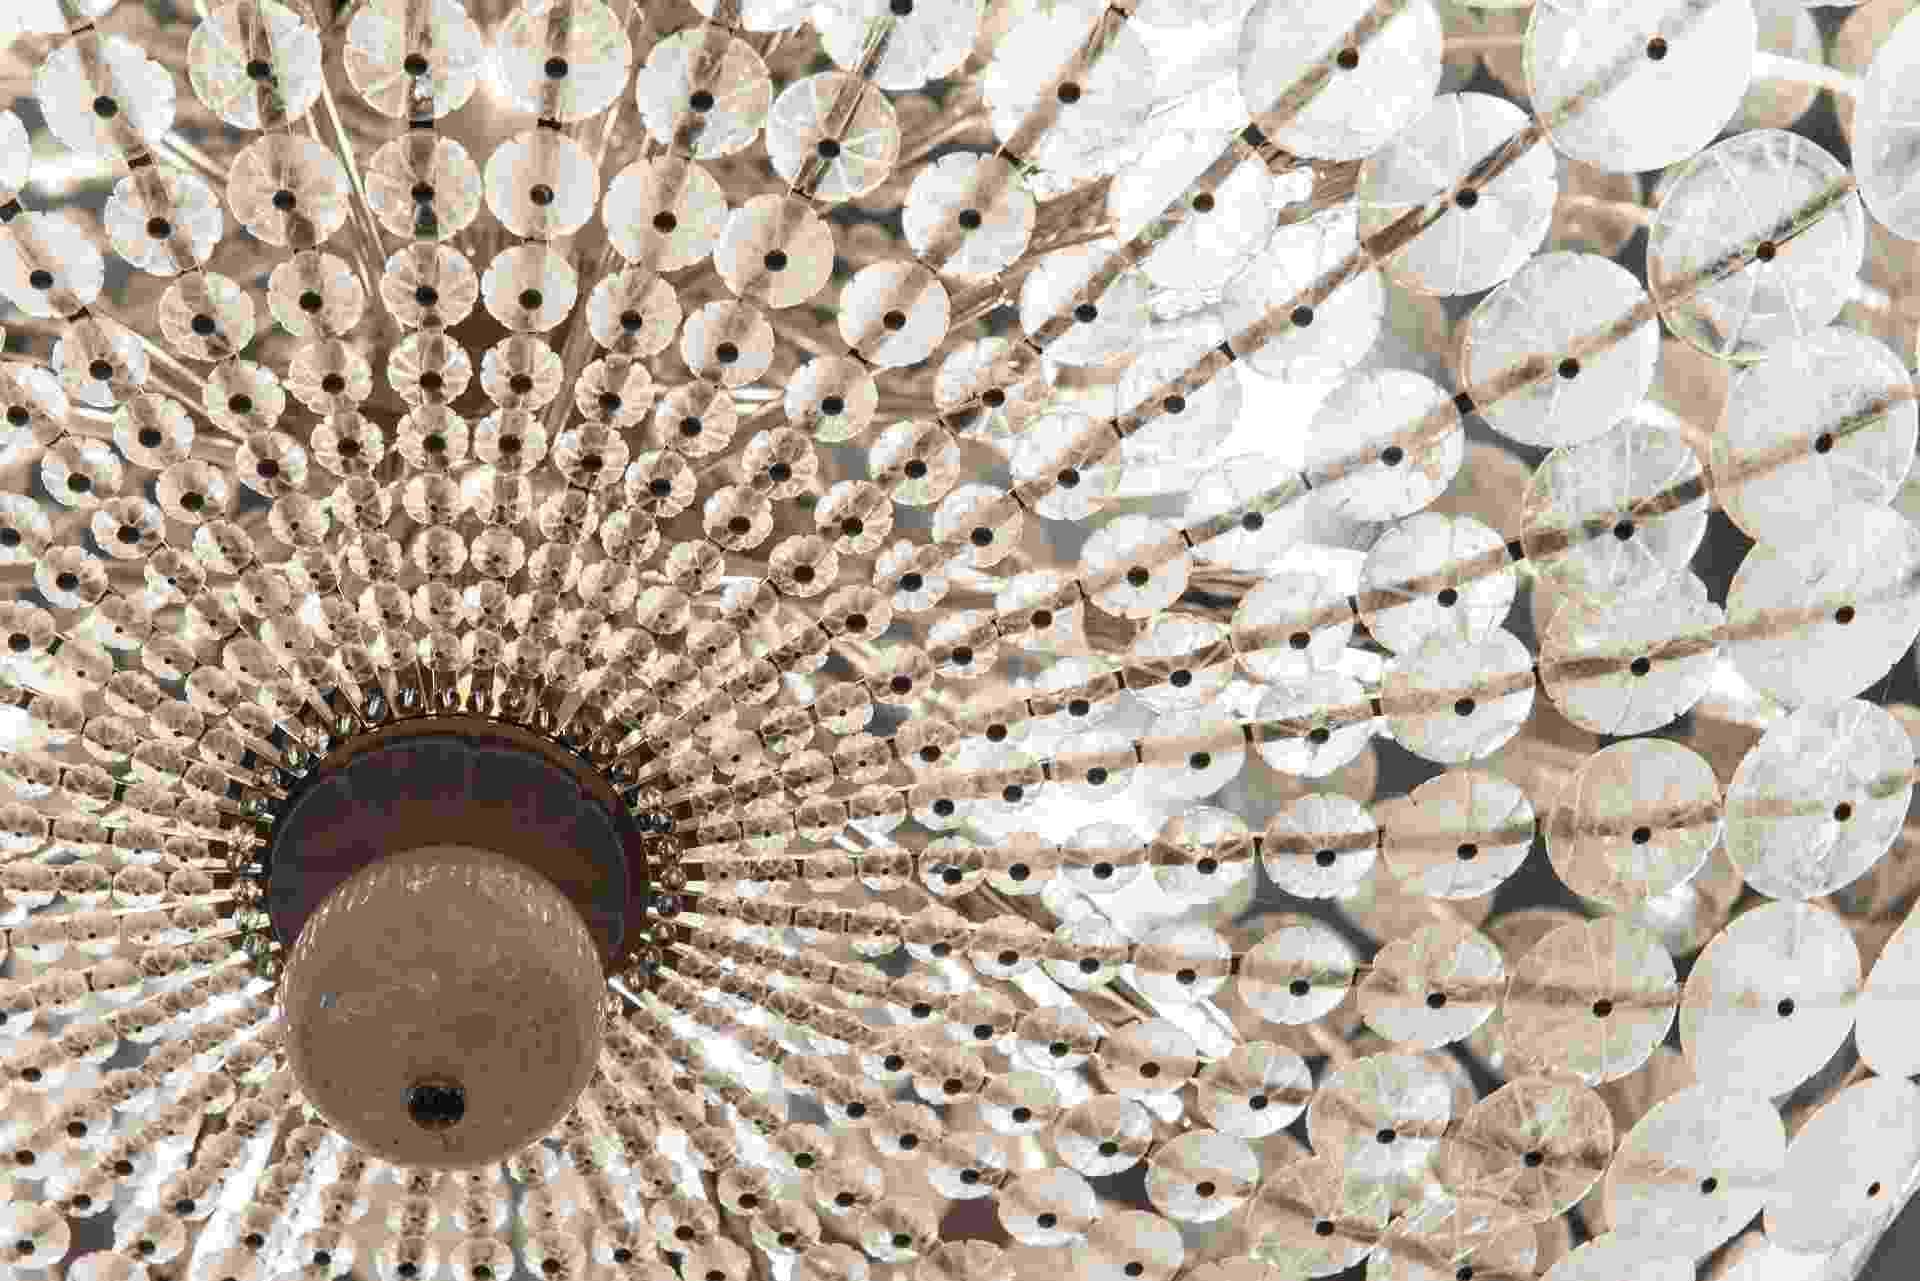 O lustre em cristal chama a atenção do visitante da edição paulistana da Casa Cor 2016. Vendido na Passado Composto (www.passadocomposto.com.br), é feito à mão em cristal de rocha e encontrado no espaço Galeria da Imagem, de André Carício - Katia Kuwabara/UOL